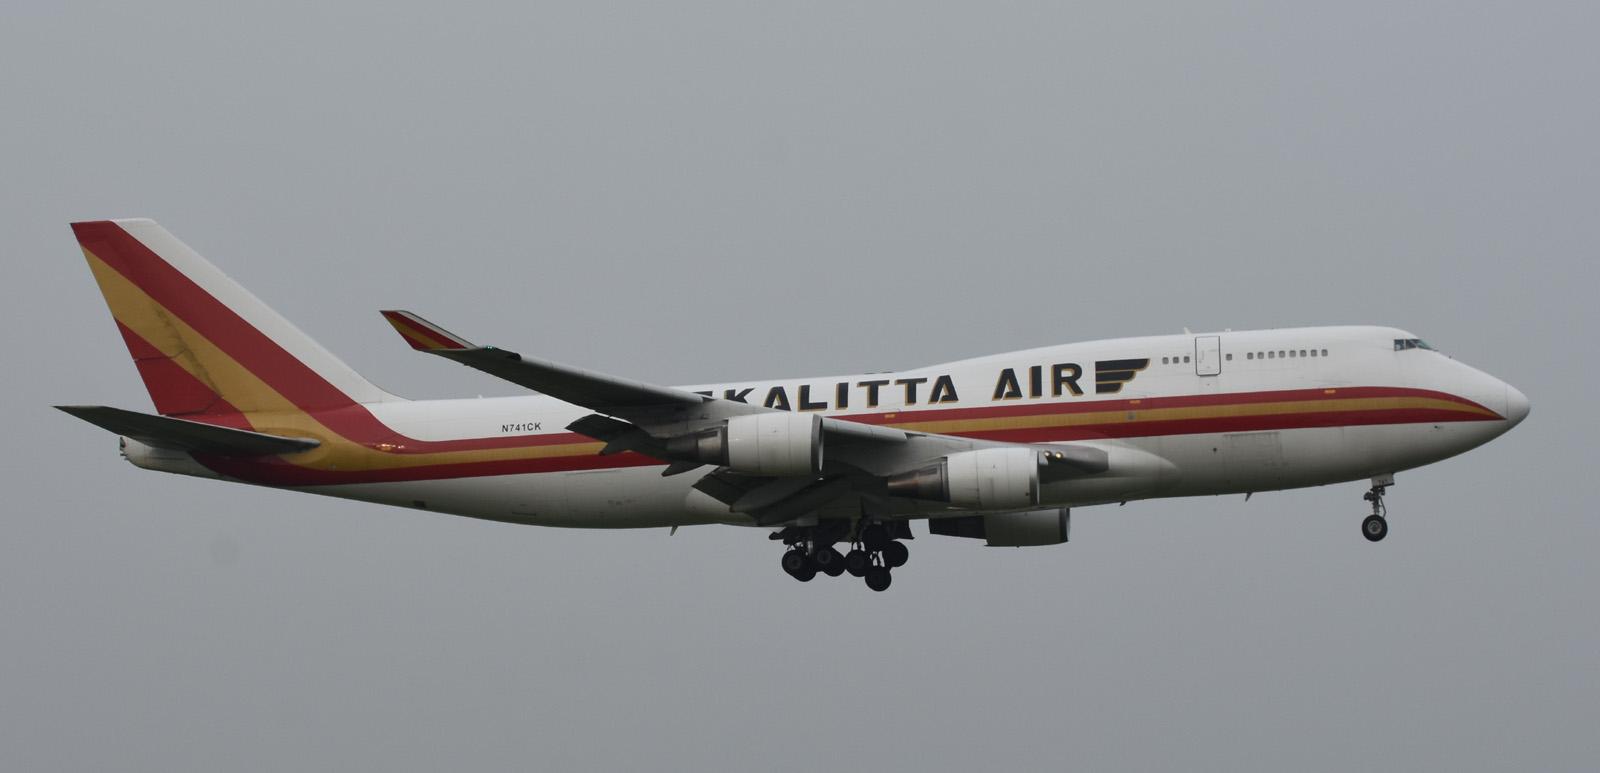 Kalitta17051g305